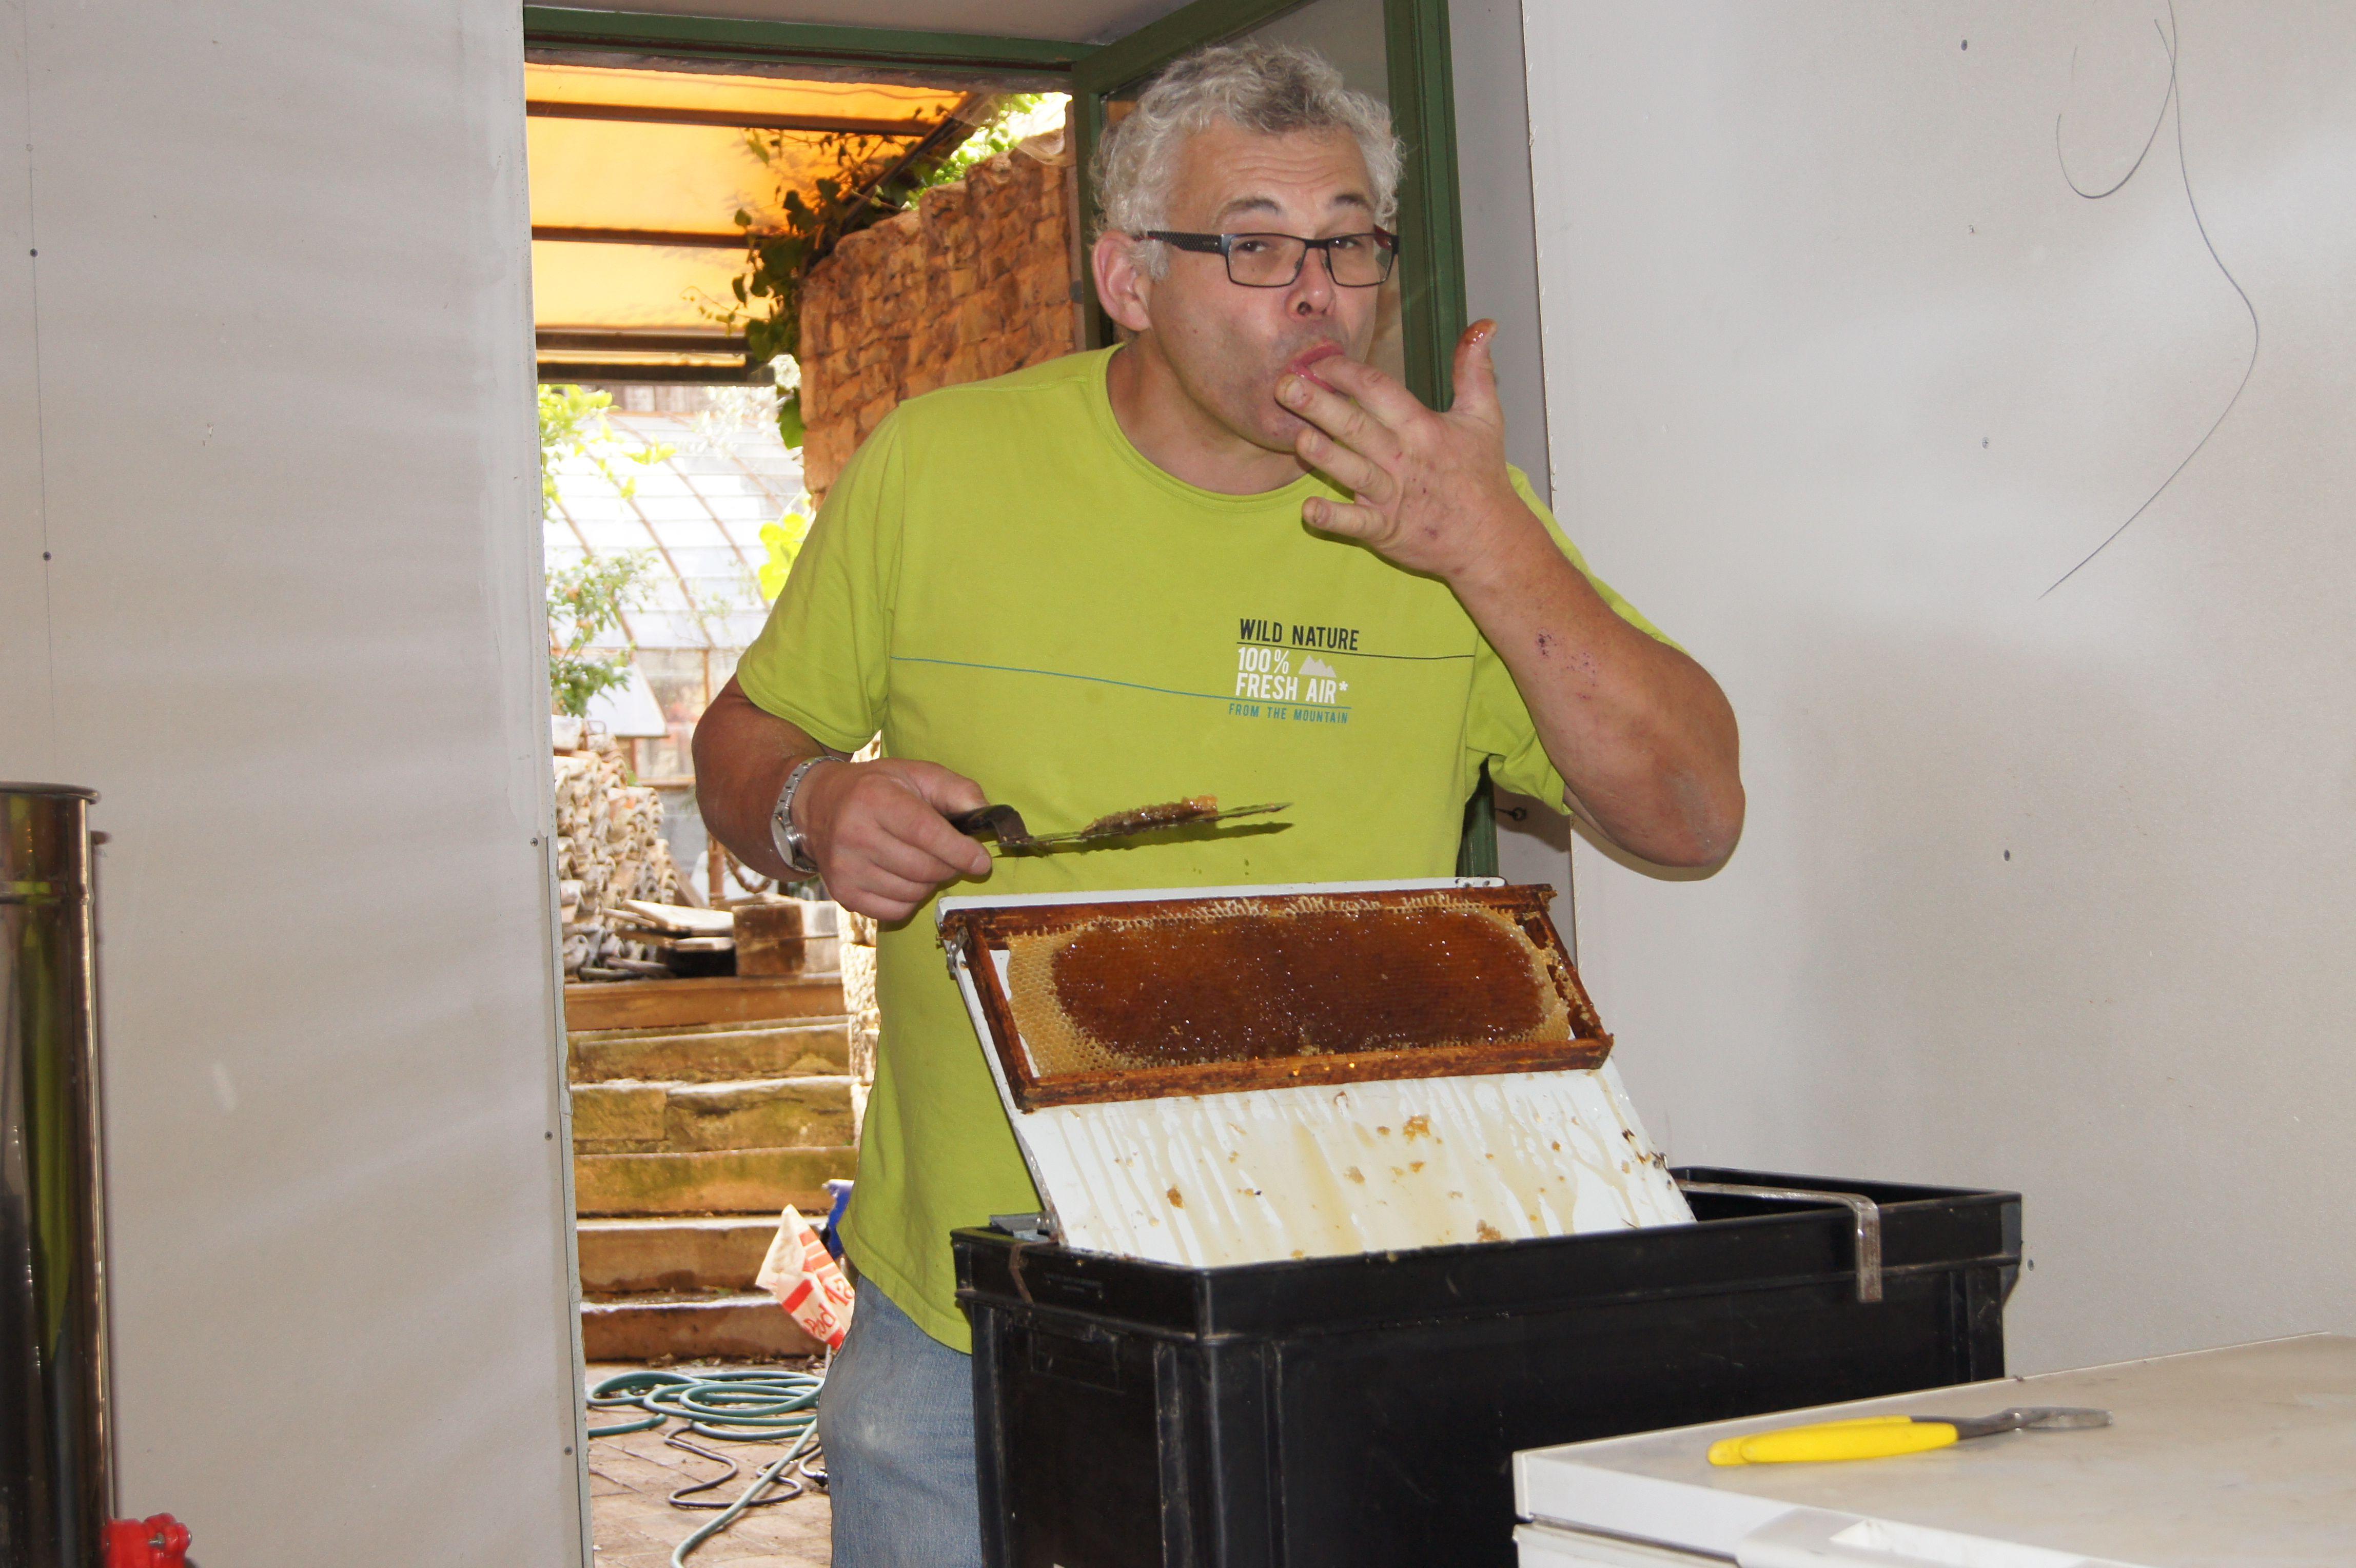 Récolte de miel en Bourgogne  Hum Que c'est bon!!!!!!!!